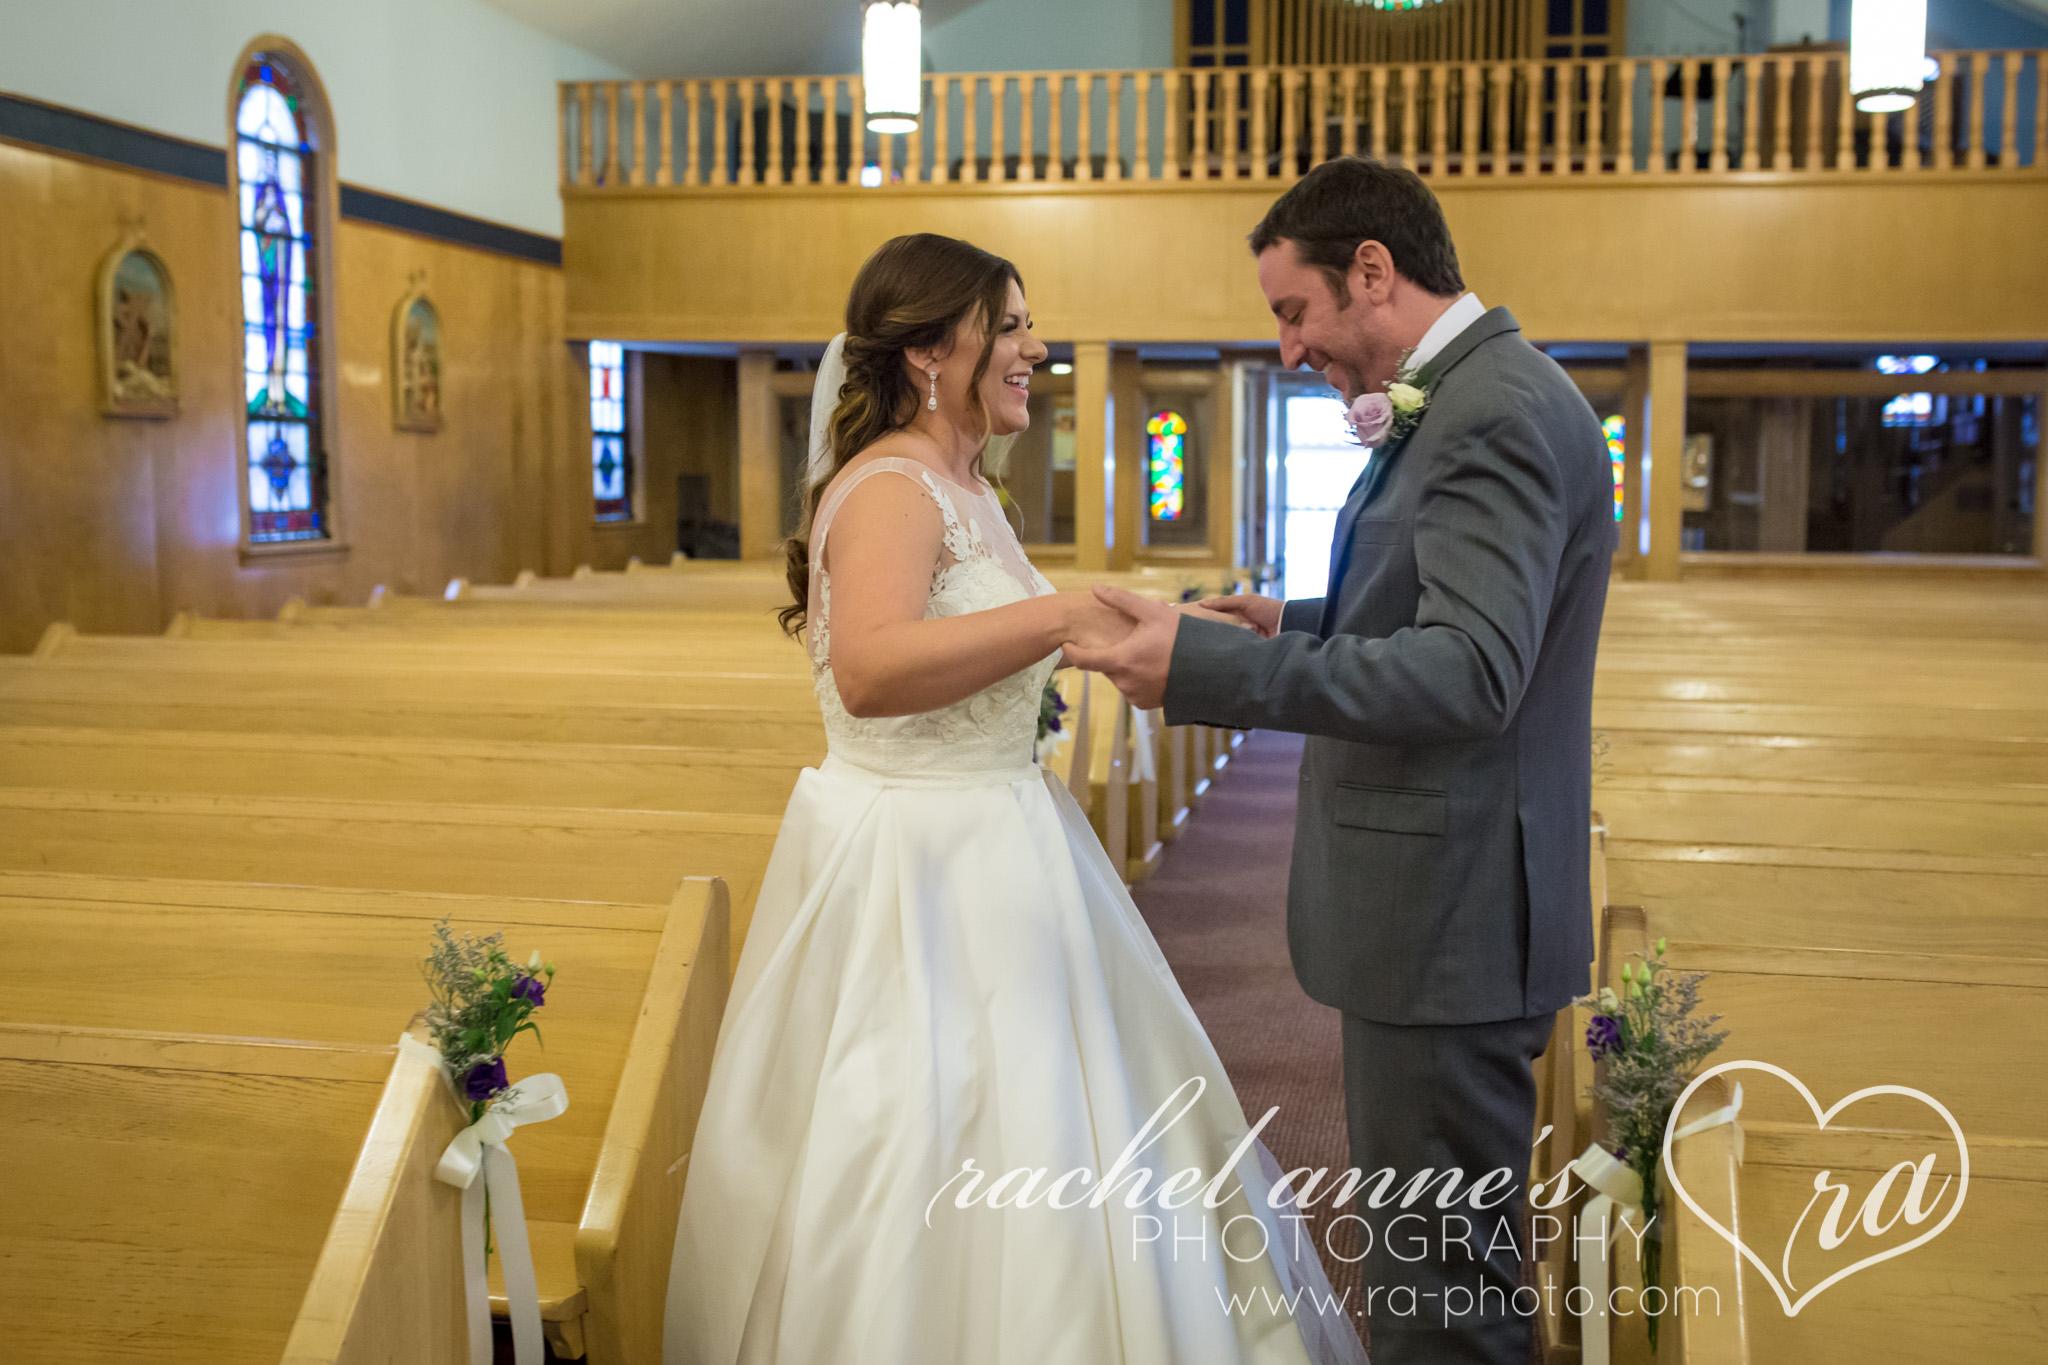 017-CAP-CURWENSVILLE-PA-TREASURE-LAKEVIEW-LODGE-WEDDINGS.jpg